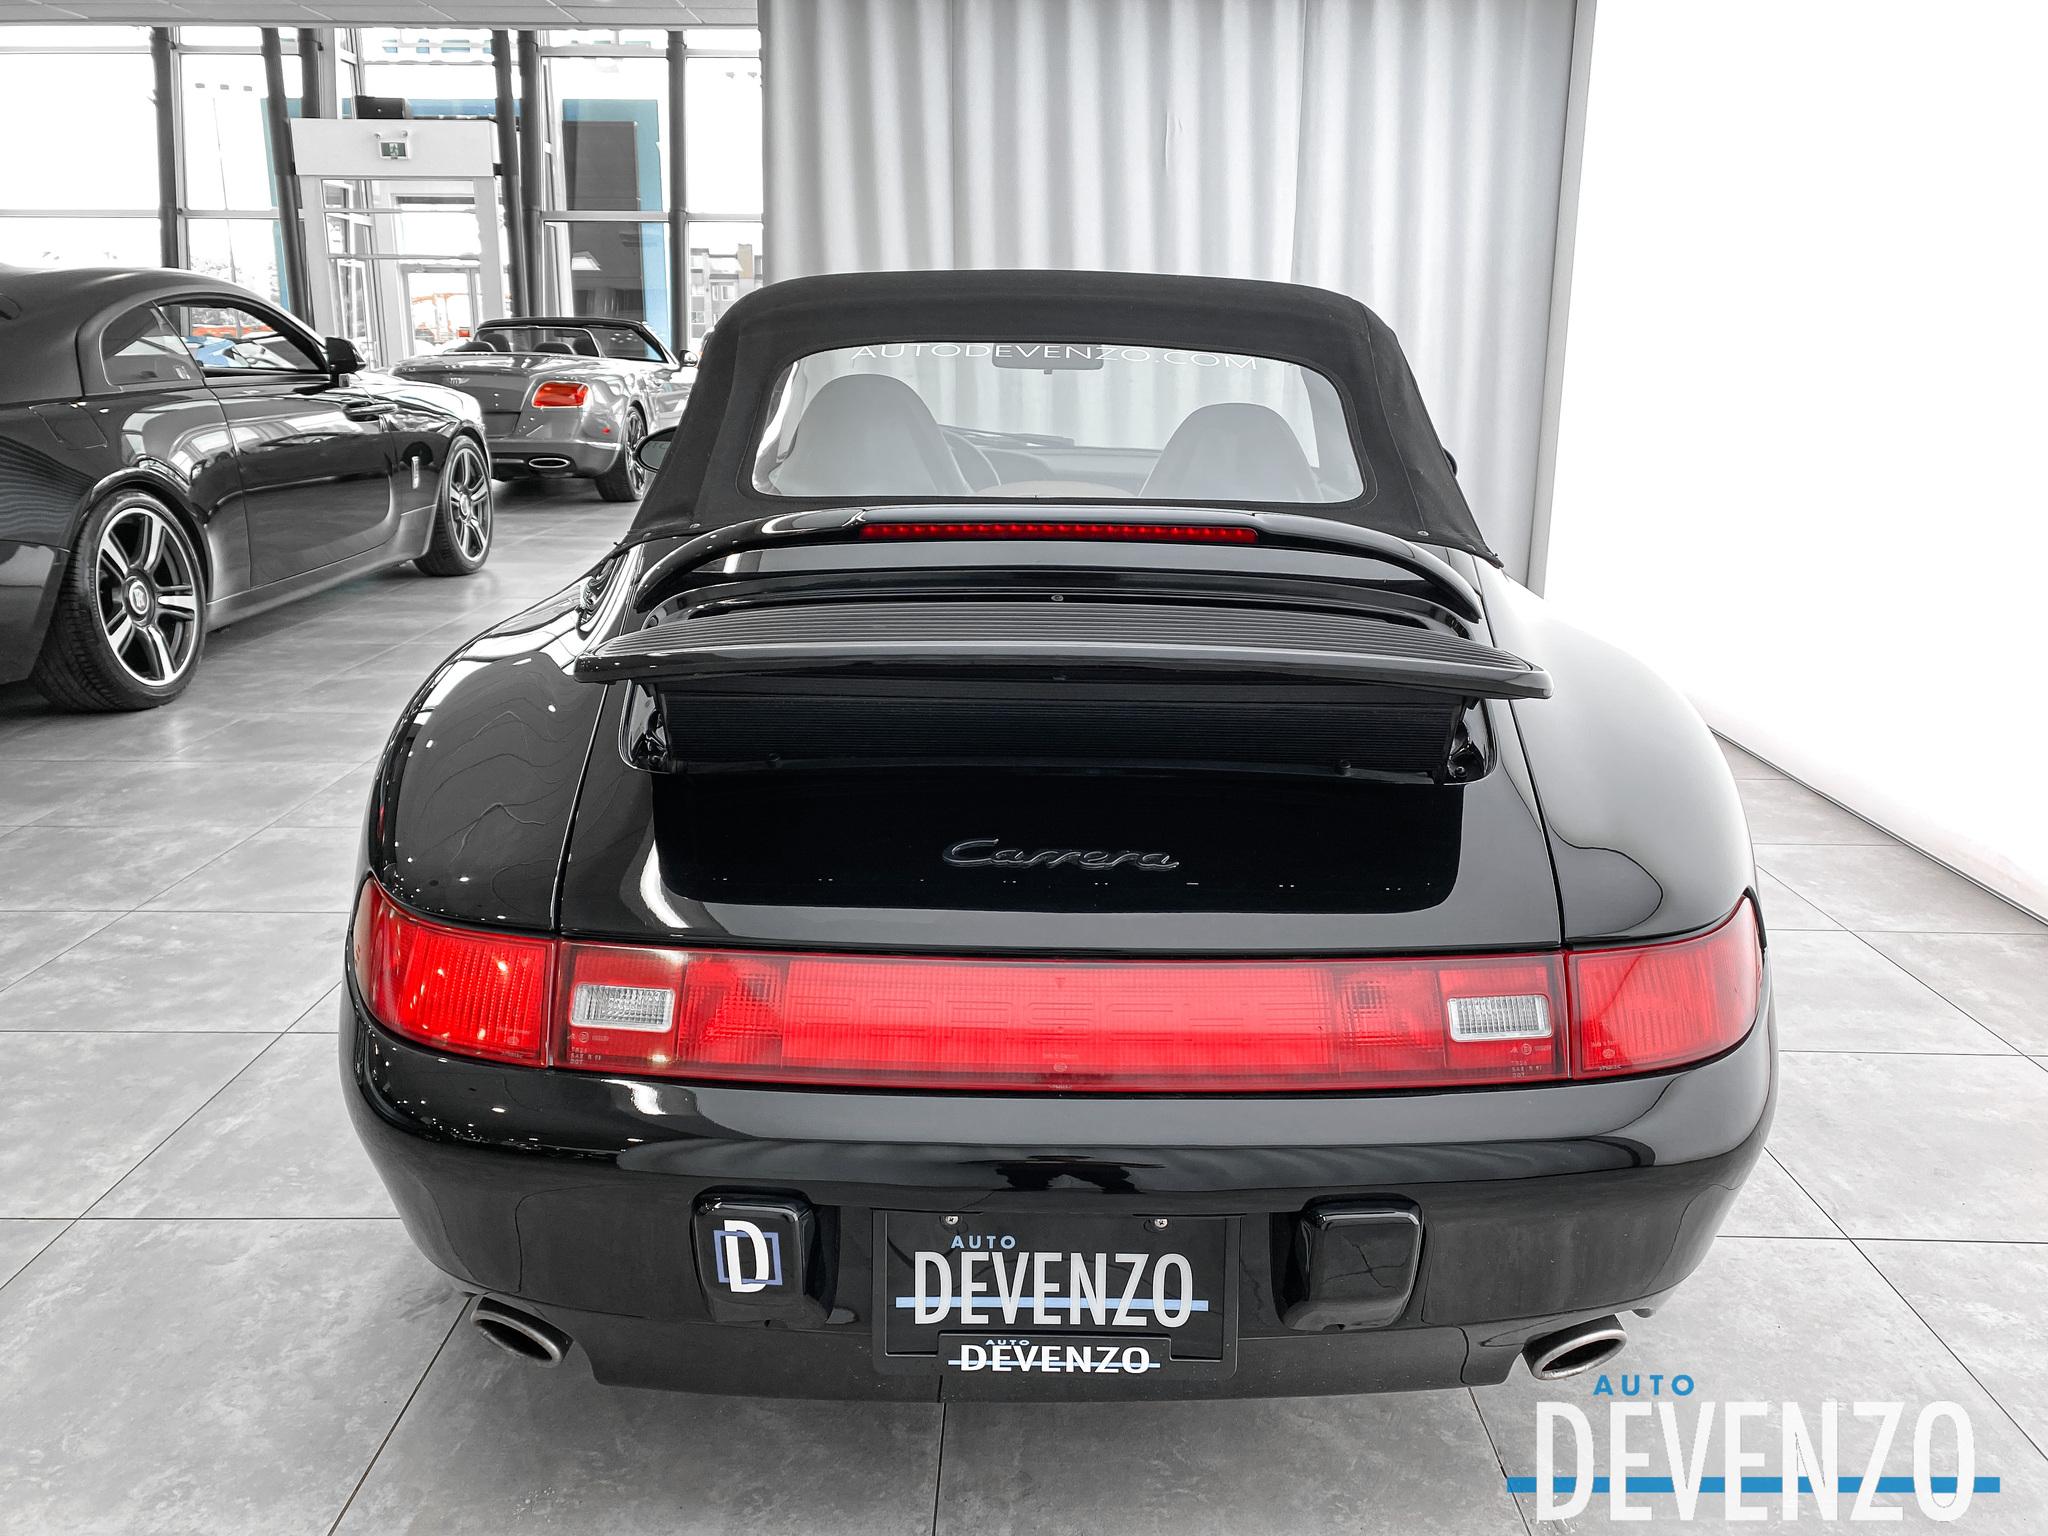 1995 Porsche 911 CARRERA 993 Cabriolet Carrera 6-Spd Manual complet